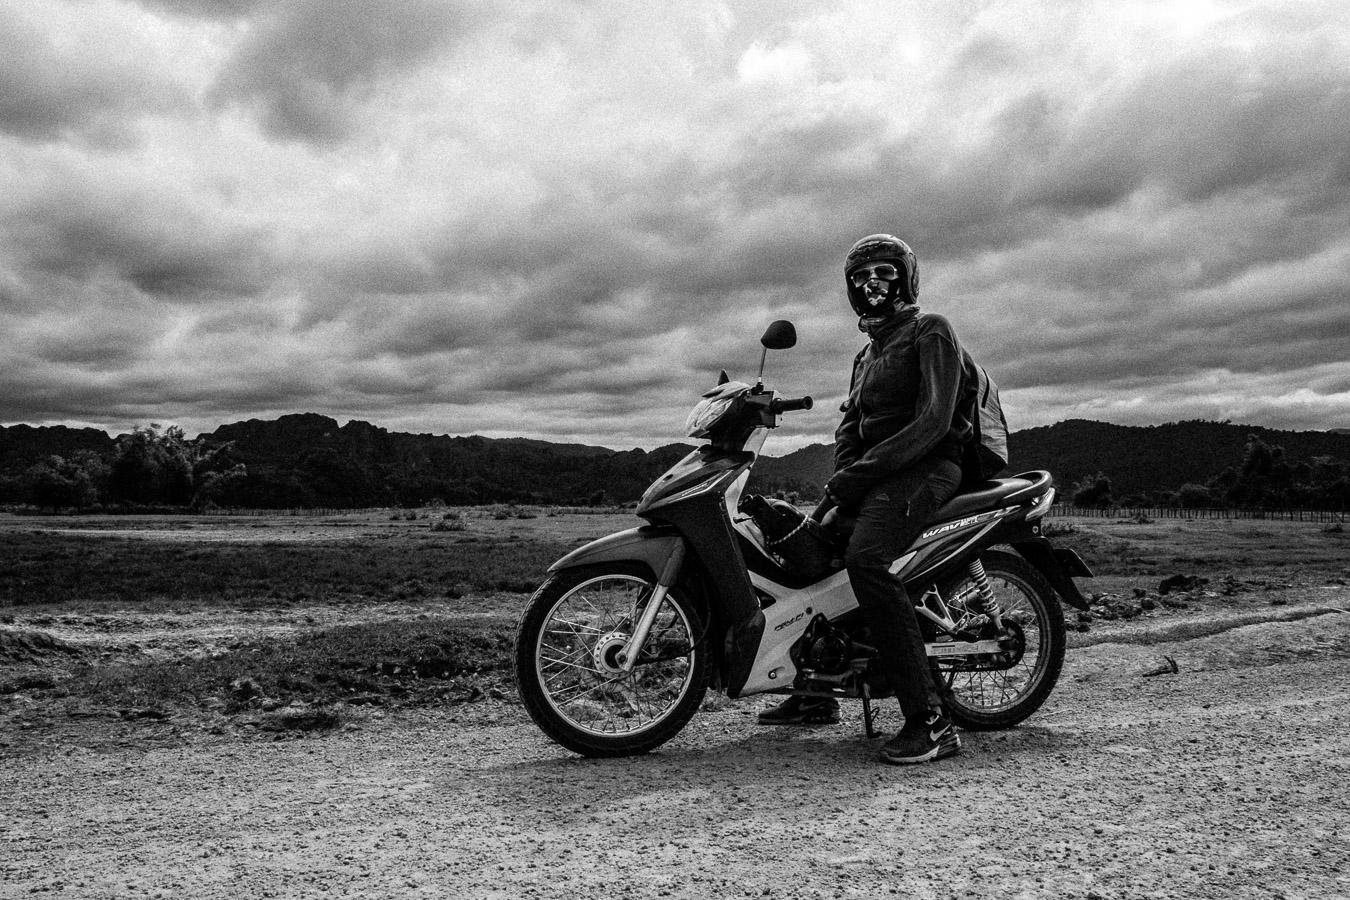 Photographie de voyage - roadtrip à moto, Laos